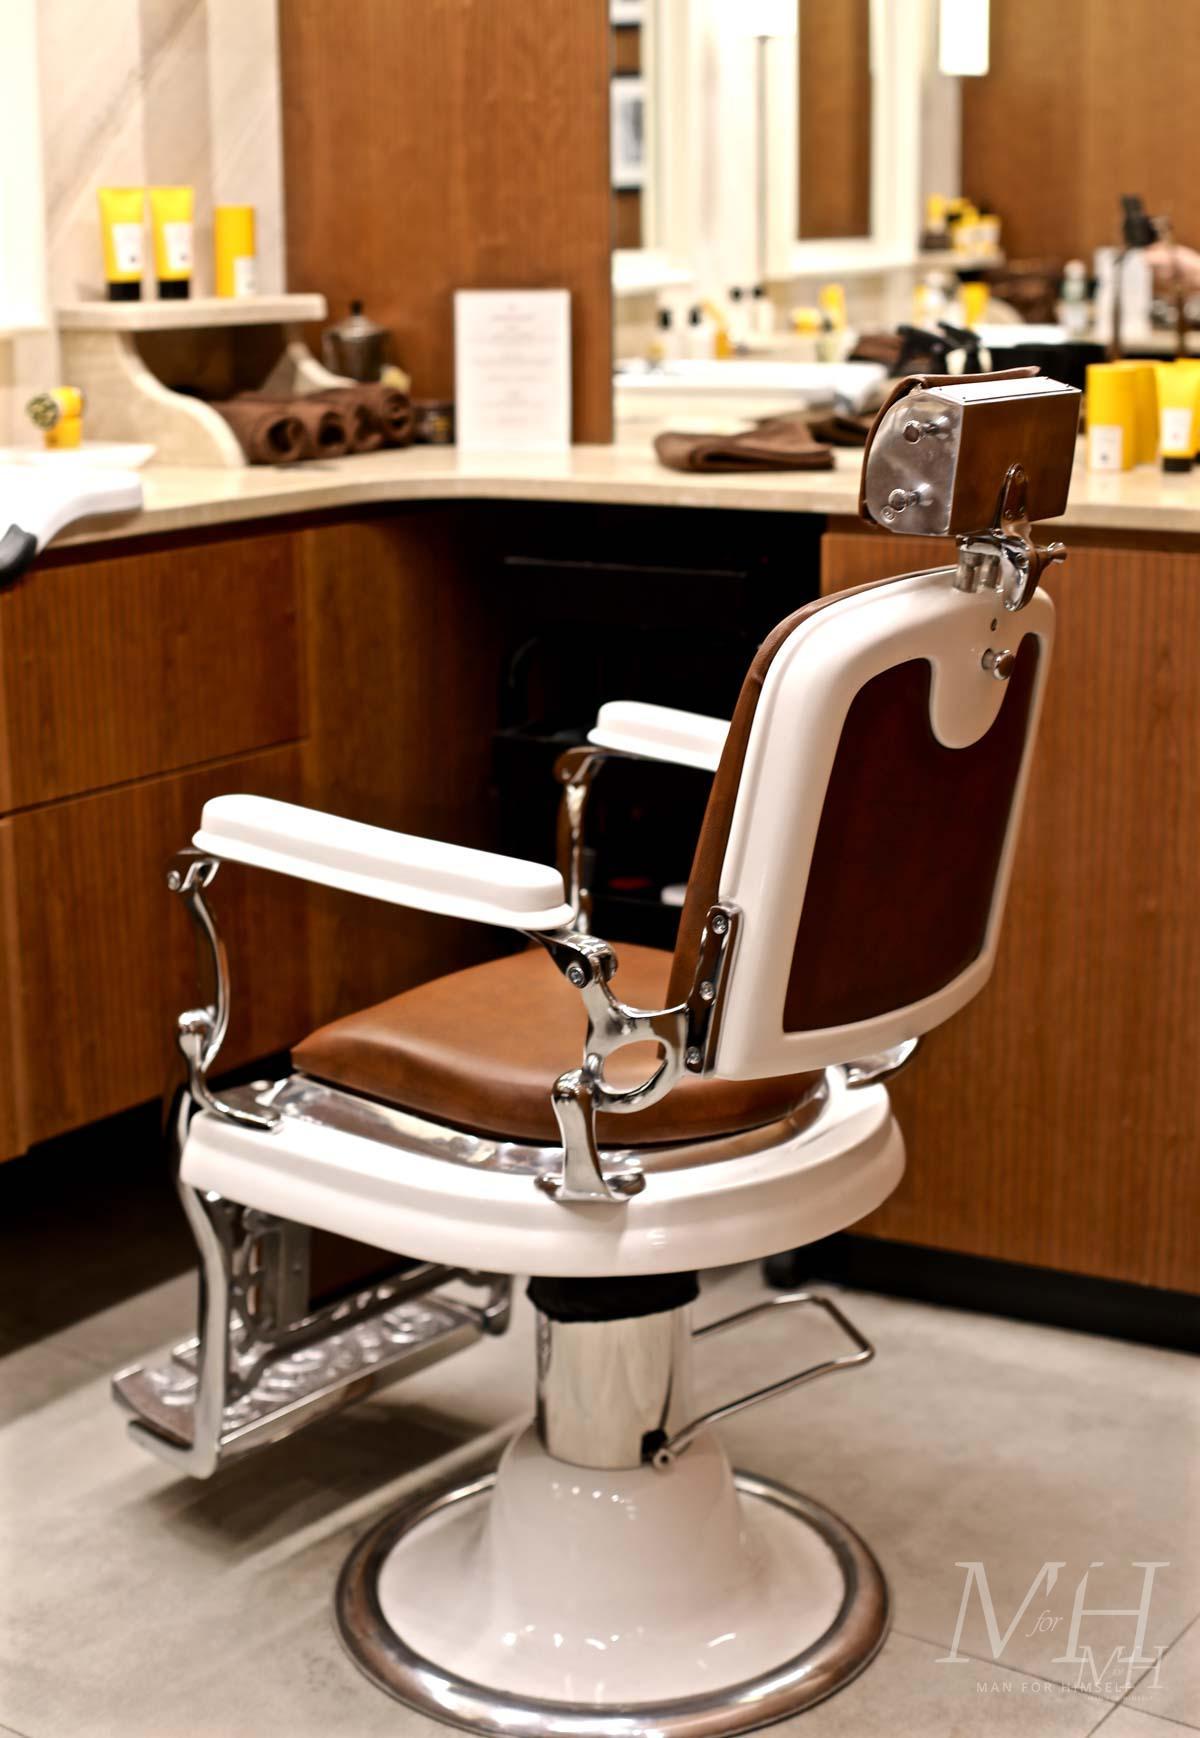 acqua-di-parma-uk-barbershop-man-for-himself-10